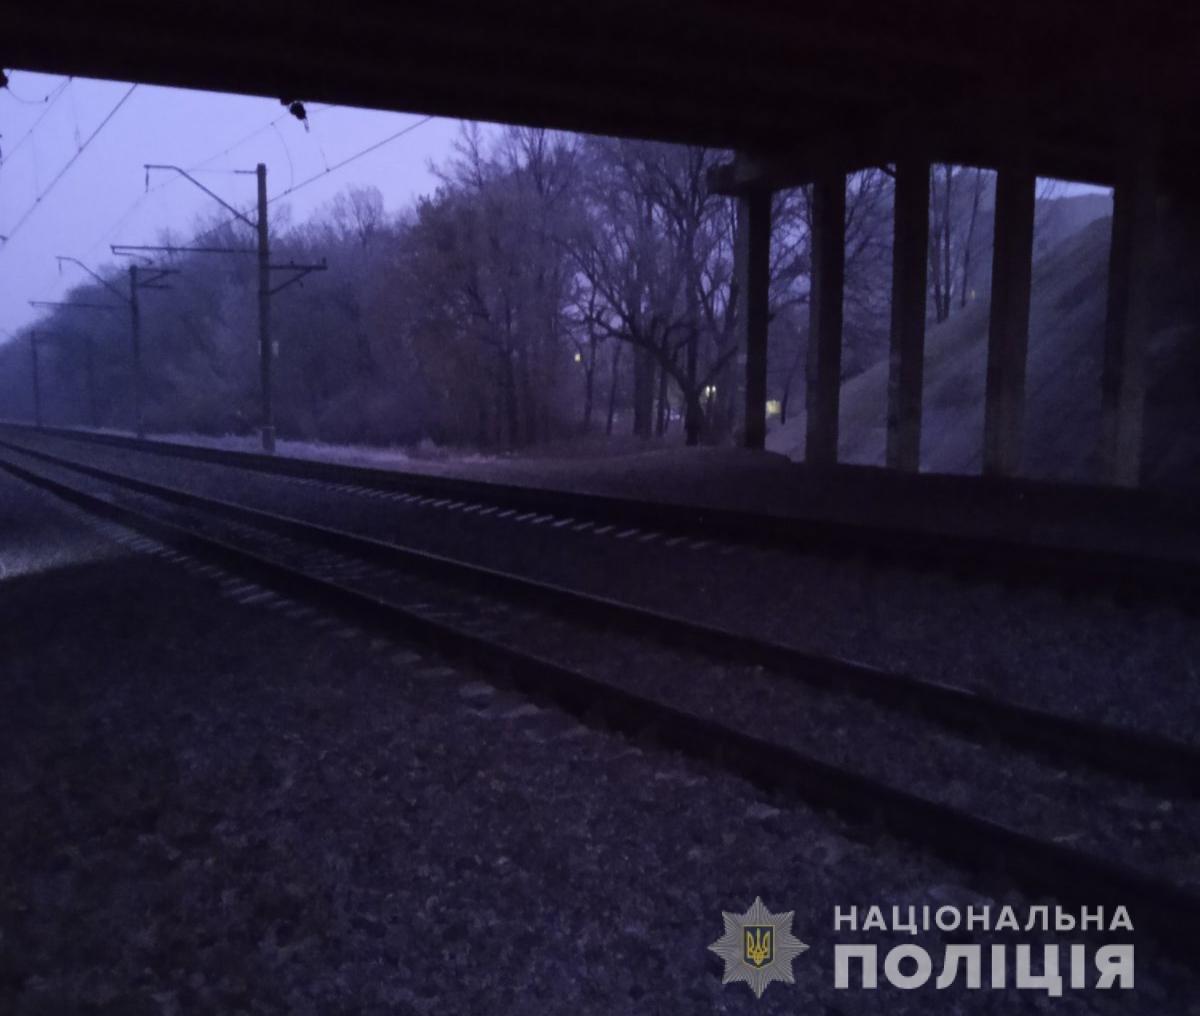 На Харьковщине женщина попала под колеса поезда: пострадавшая в тяжелом состоянии, - ФОТО, фото-2